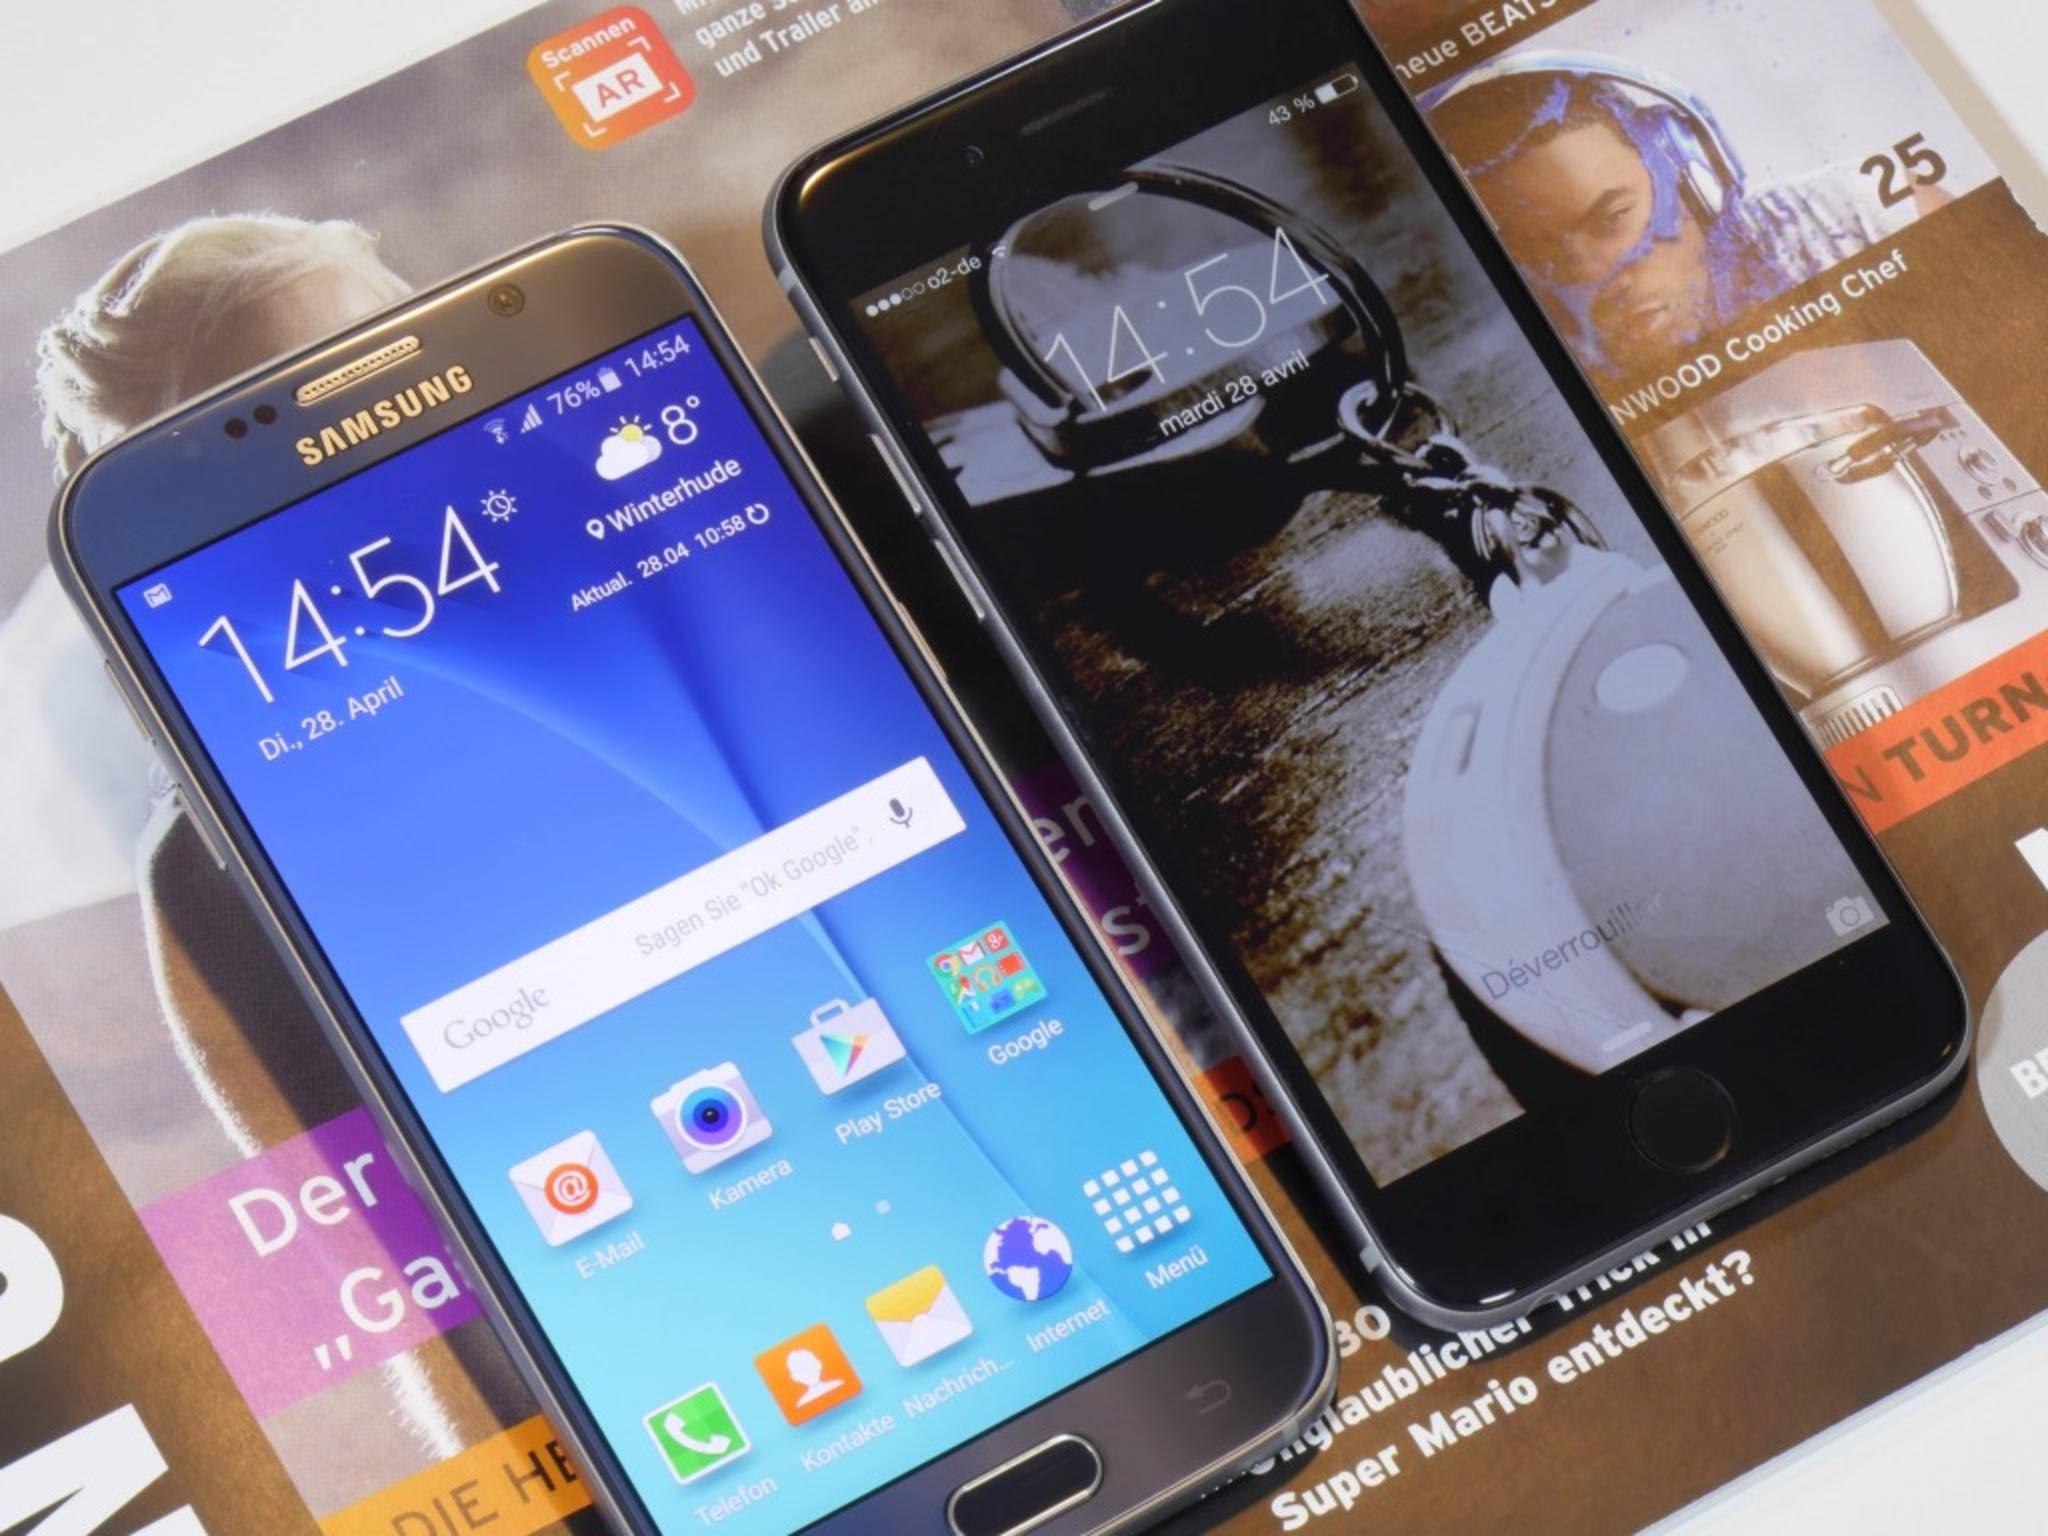 Immer mehr Android-User steigen offenbar auf ein iPhone um.